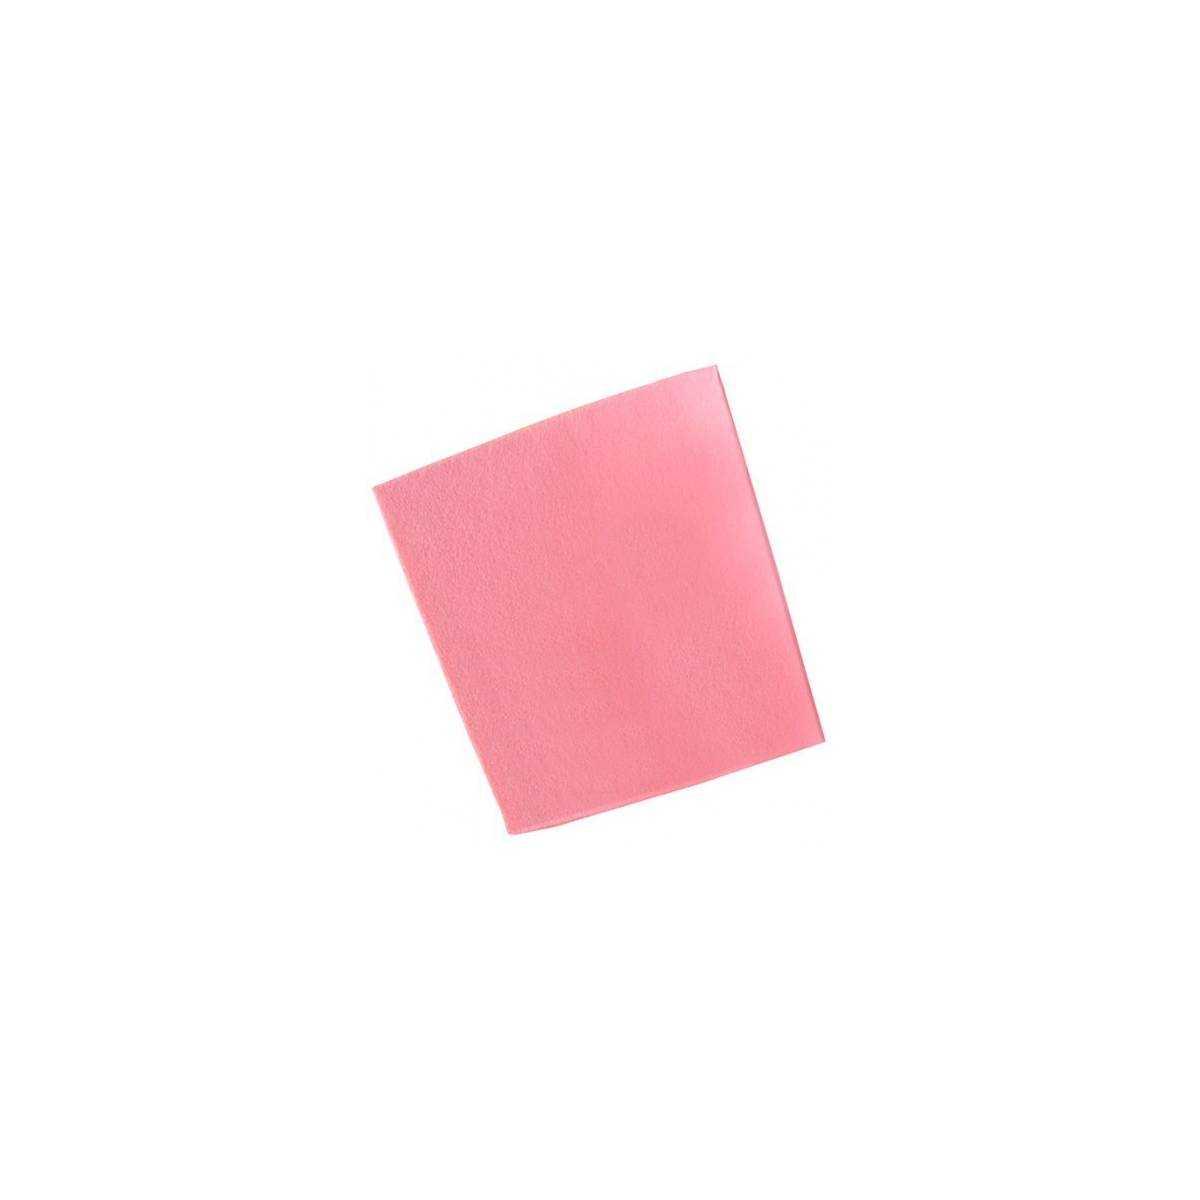 Салфетки универсальные Free-T 10шт. (Розовые) TCH601010 TTS